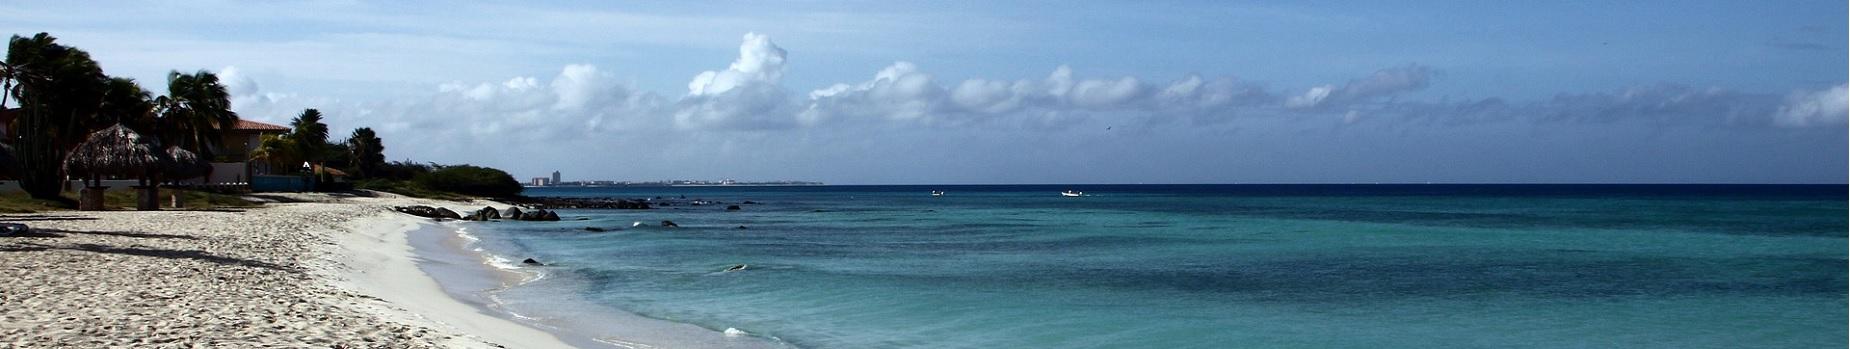 Vliegvelden Aruba